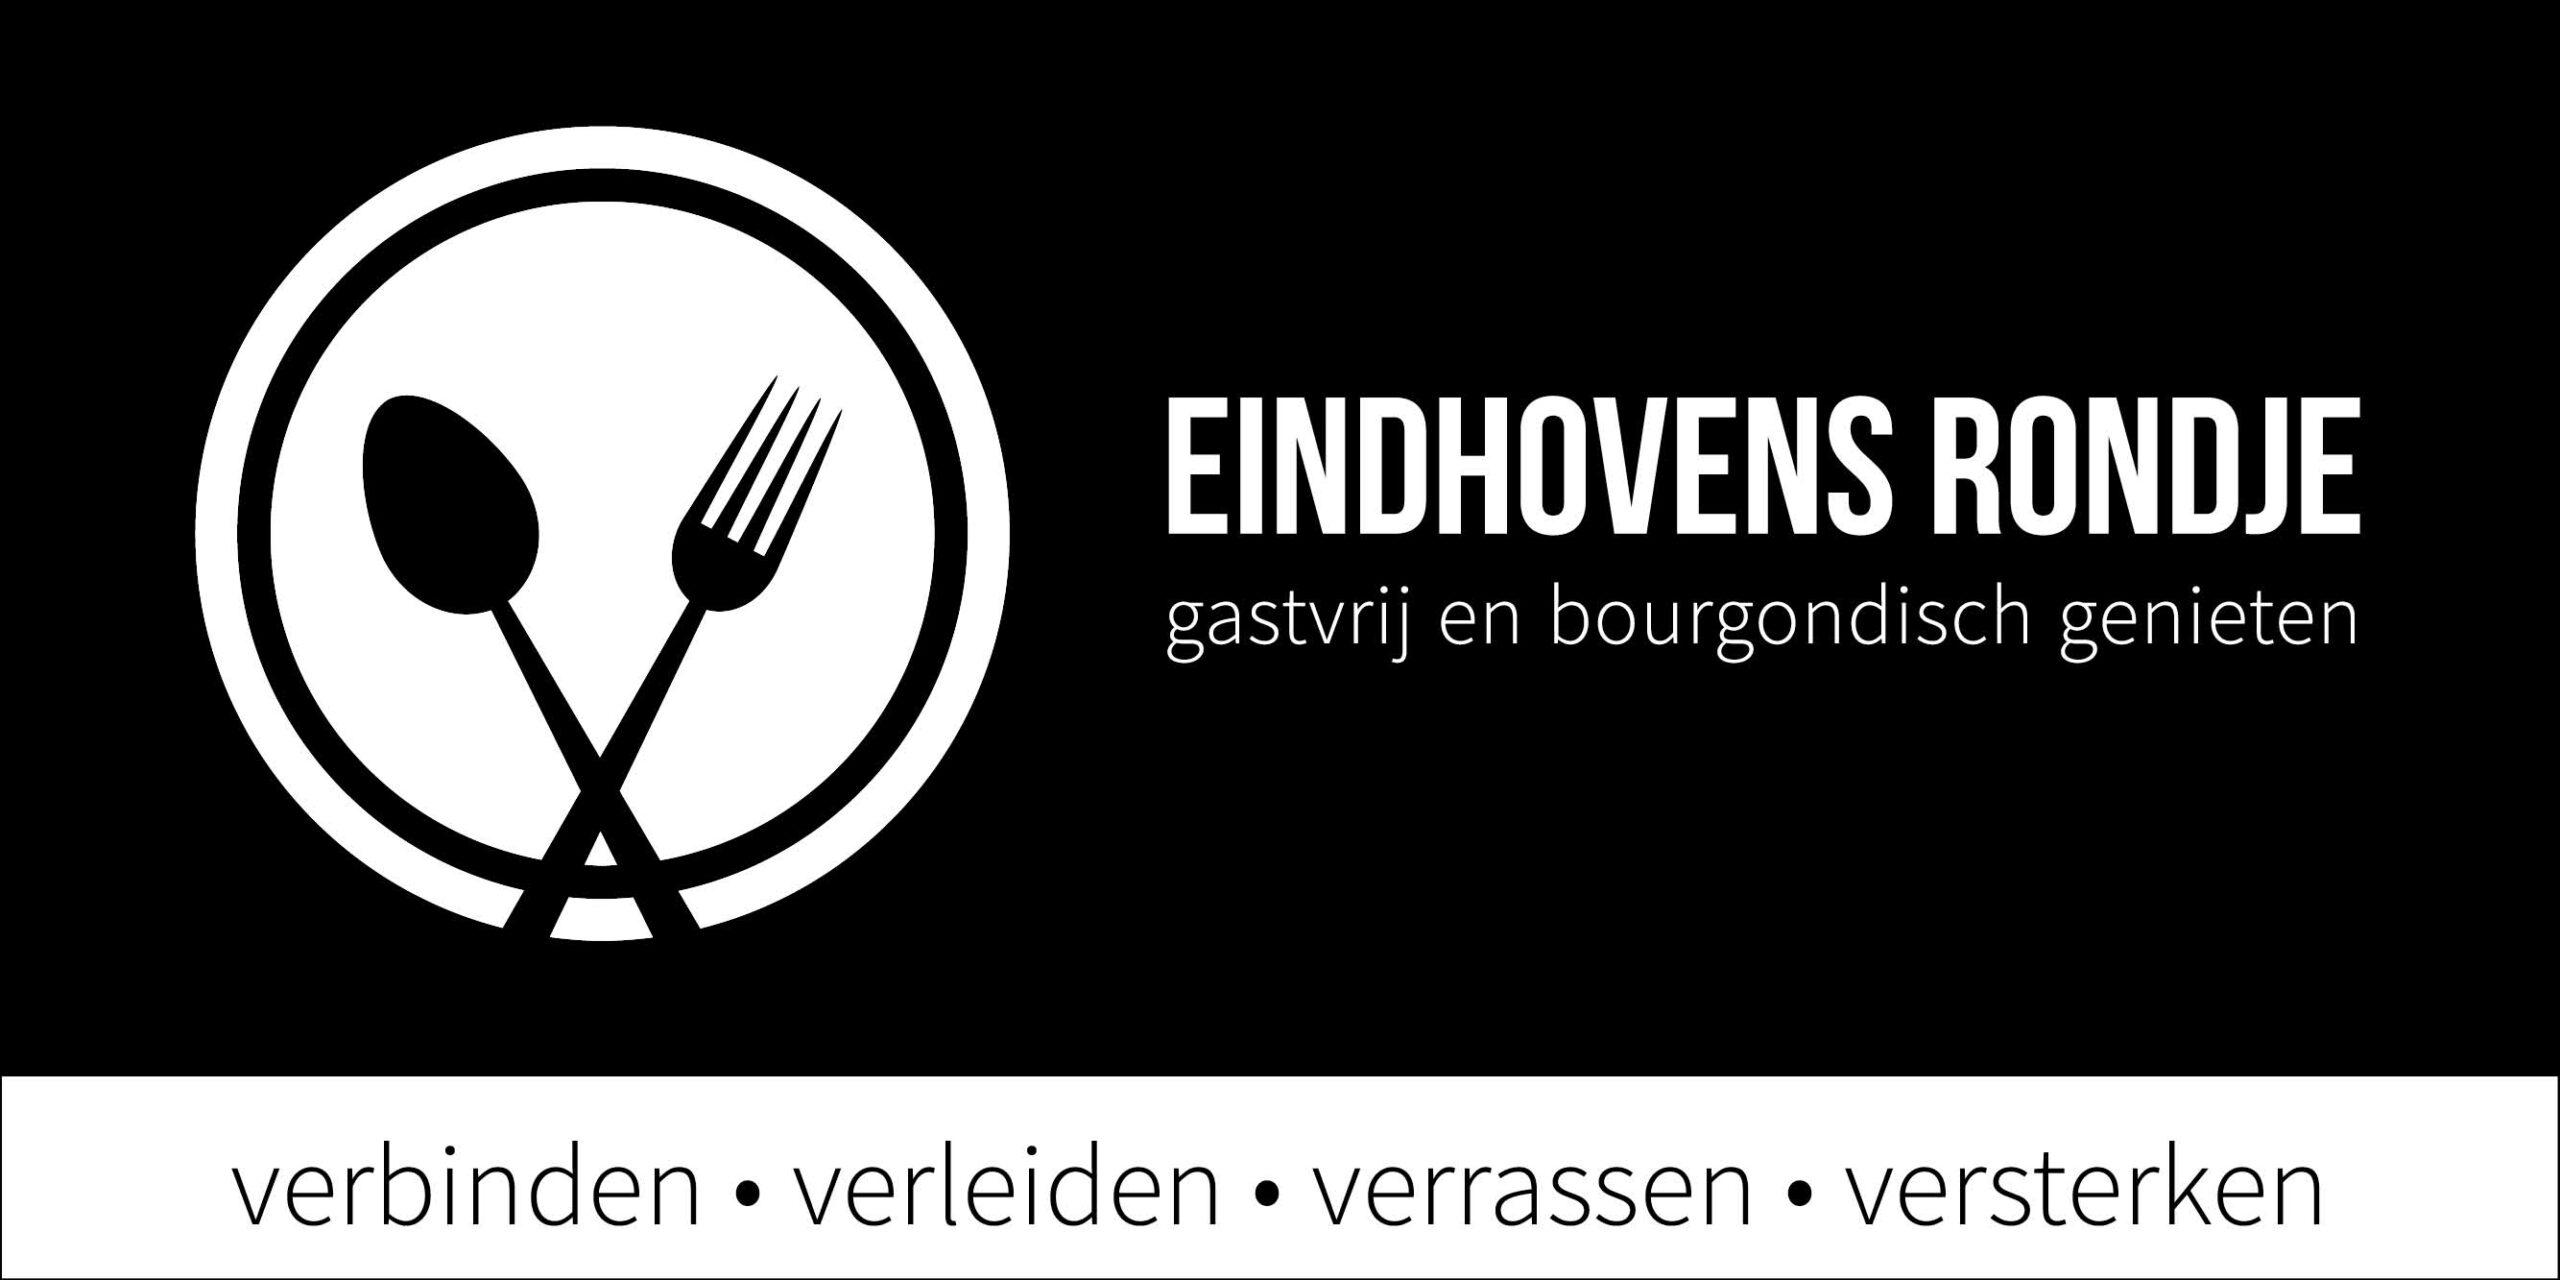 Eindhovens_Rondje_vrienden